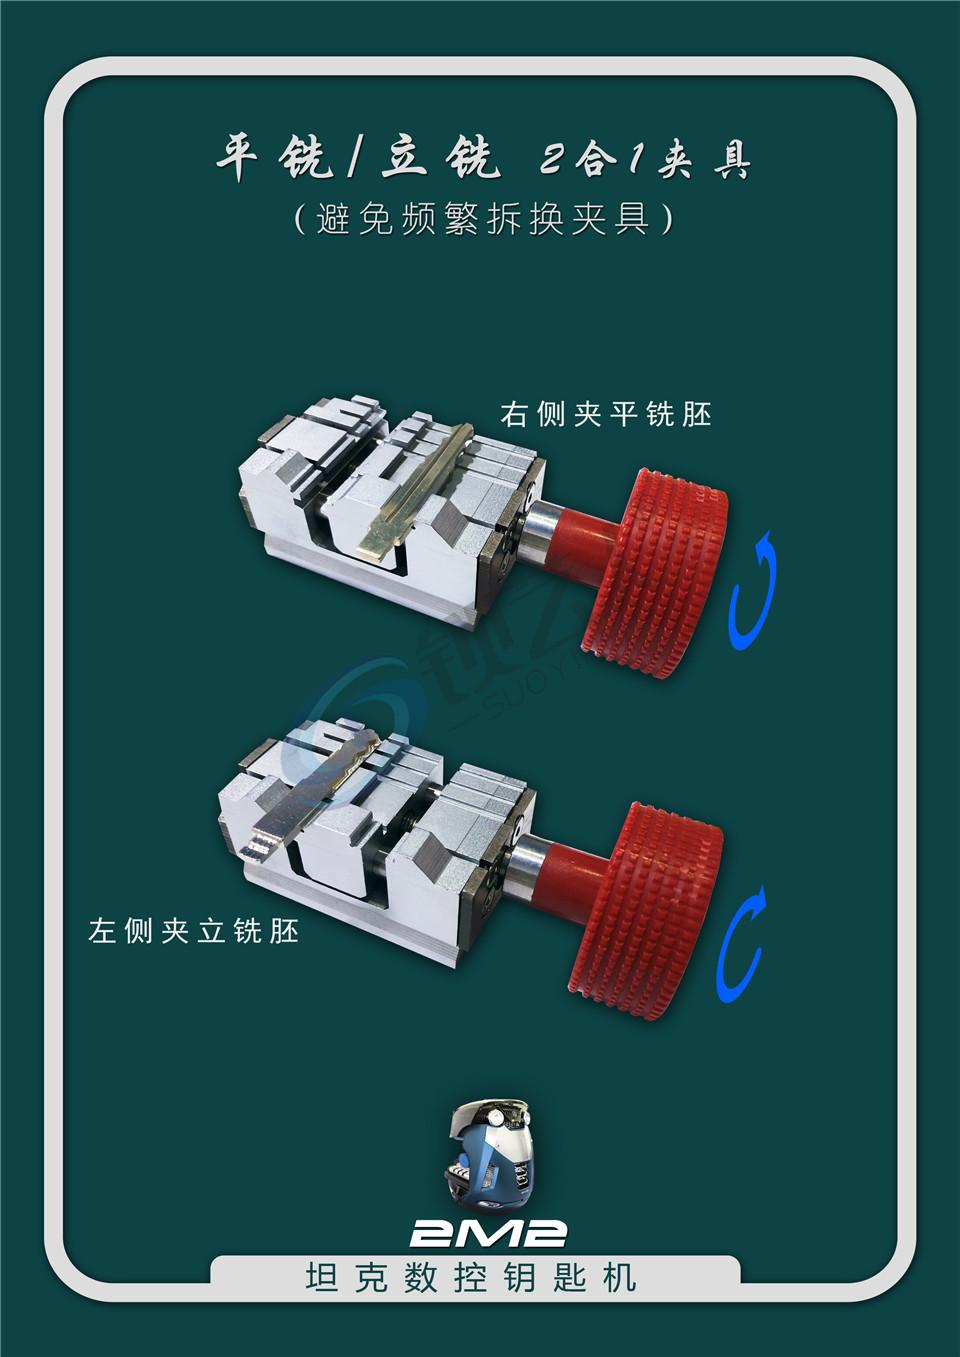 数控机 数控钥匙机 钥匙机 坦克